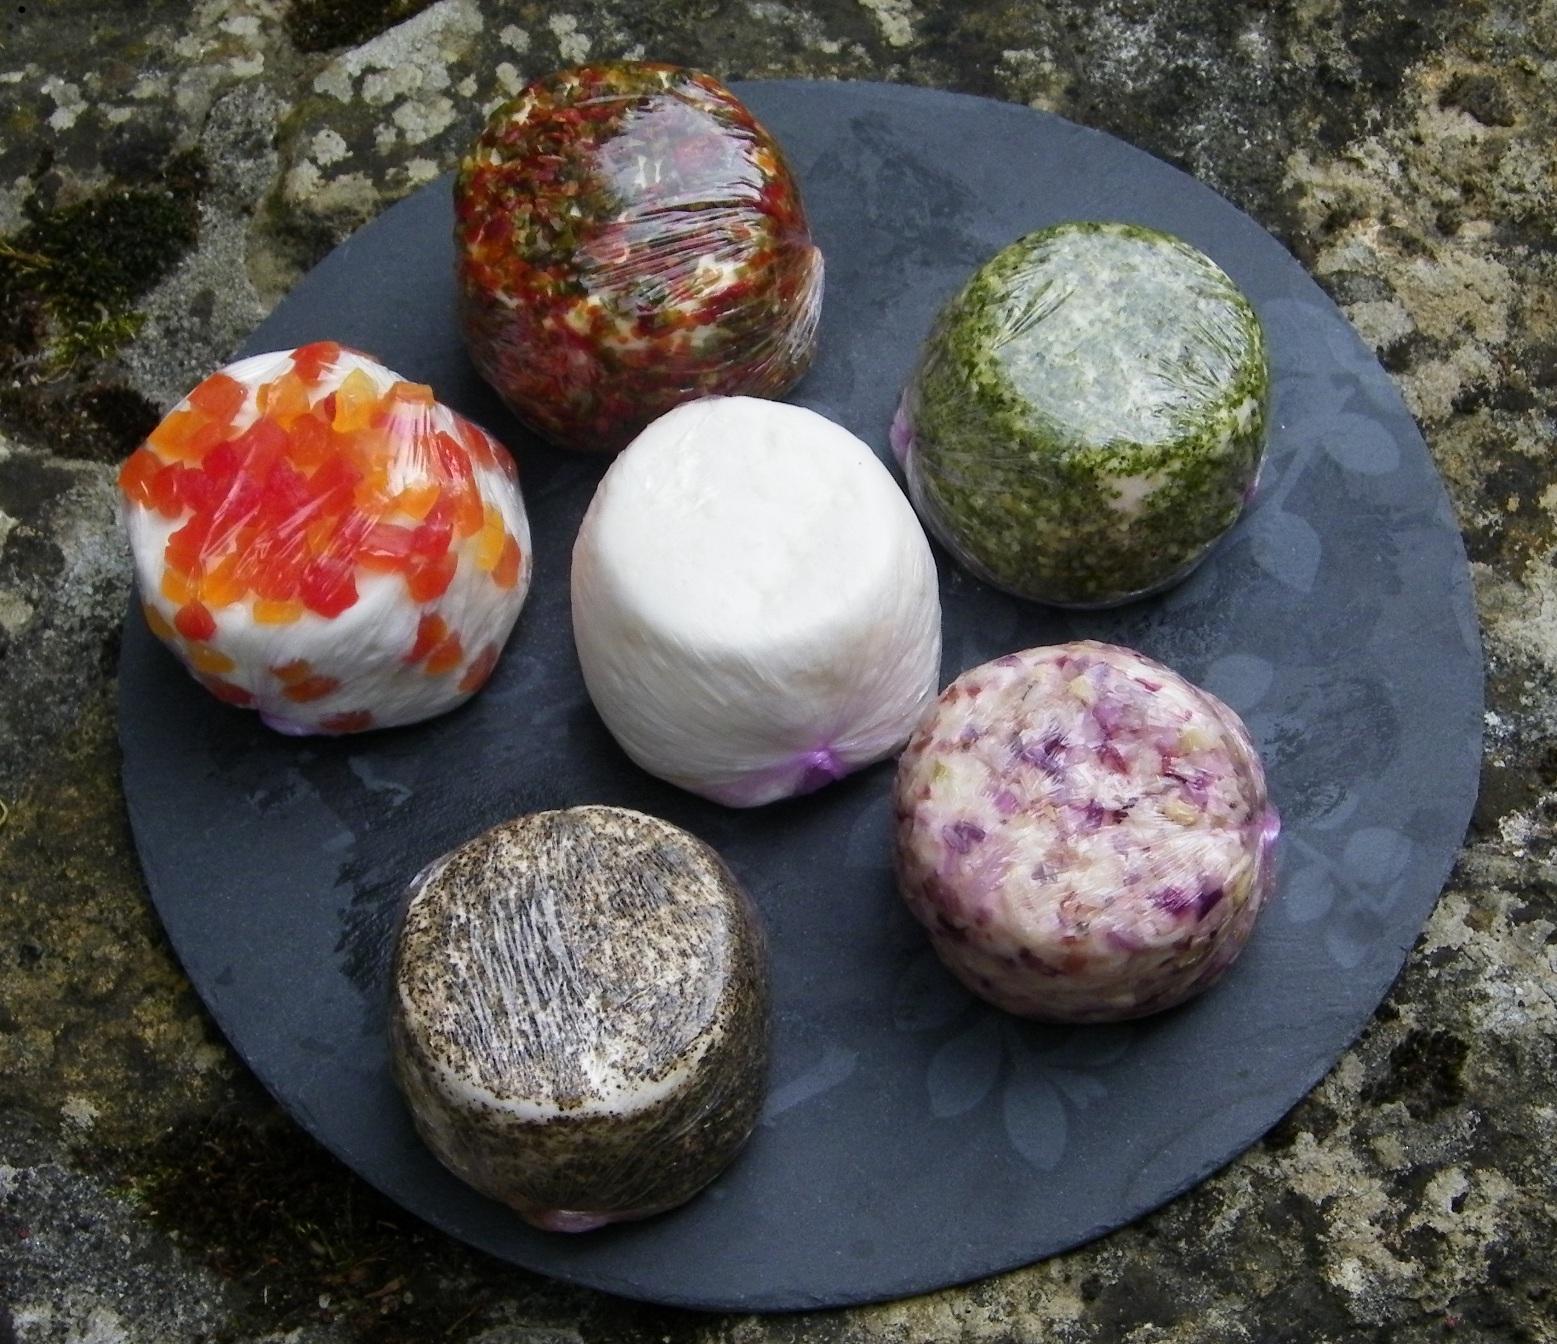 fromages frais nature et aromatisés (papaye, poivrons, ail et fines herbes, échalote et poivre)